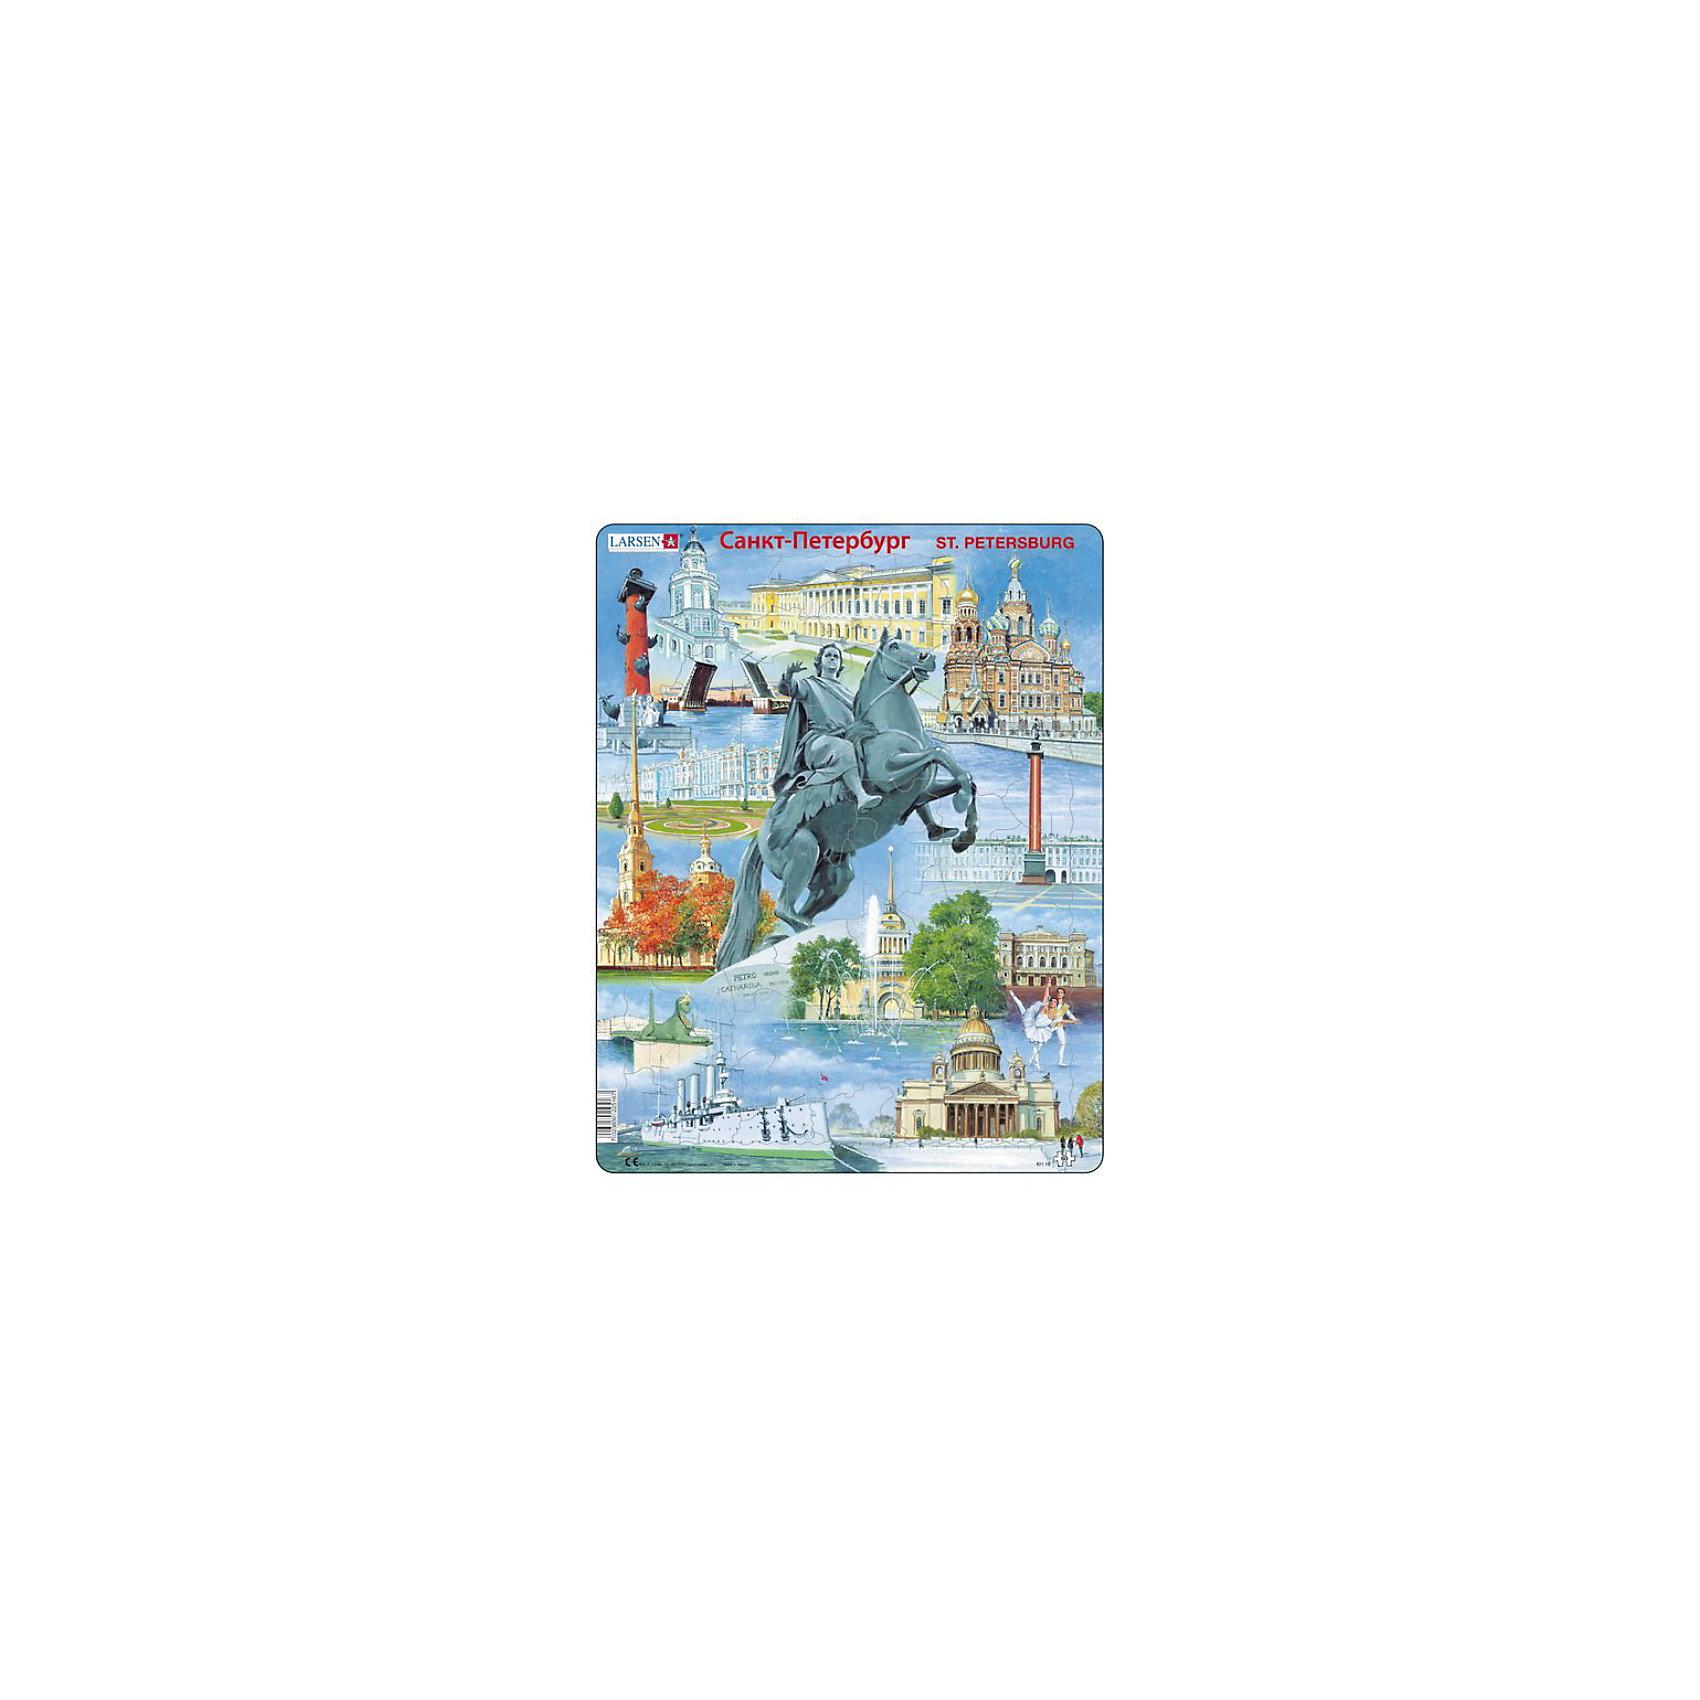 Пазл Санкт-Петербург,  Larsen, 60 деталейПазлы для малышей<br>Пазл «Санкт-Петербург», Larsen (Ларсен), 60 деталей – очень красивый пазл, который познакомит ребенка с достопримечательностями города Санкт-Петербург.<br><br>В процессе сборки пазла ребенок познакомится с такими достопримечательностями Санкт-Петербурга как «Медный всадник», разводные мосты, Исаакиевский собор, крейсер «Аврора» и многие другие. Пазл выполнен из высококачественного трехслойного картона, снабжен специальной подложкой, благодаря которой пазл легко собирать. Различные размеры и формы элементов способствуют развитию мелкой моторики ребенка.<br><br>Дополнительная информация:<br><br>- количество деталей: 60 шт.<br>- размер: 36,5х28,5 см<br>- вес: 300 г<br>- материал: плотный картон<br><br>Пазл «Санкт-Петербург», Larsen (Ларсен), 60 деталей - прекрасный выбор заботливых родителей, с которым ребенок проведет время интересно и с пользой.<br><br>Пазл «Санкт-Петербург», Larsen (Ларсен), 60 деталей можно купить в нашем магазине.<br><br>Ширина мм: 360<br>Глубина мм: 360<br>Высота мм: 280<br>Вес г: 100<br>Возраст от месяцев: 72<br>Возраст до месяцев: 120<br>Пол: Унисекс<br>Возраст: Детский<br>Количество деталей: 60<br>SKU: 3610571